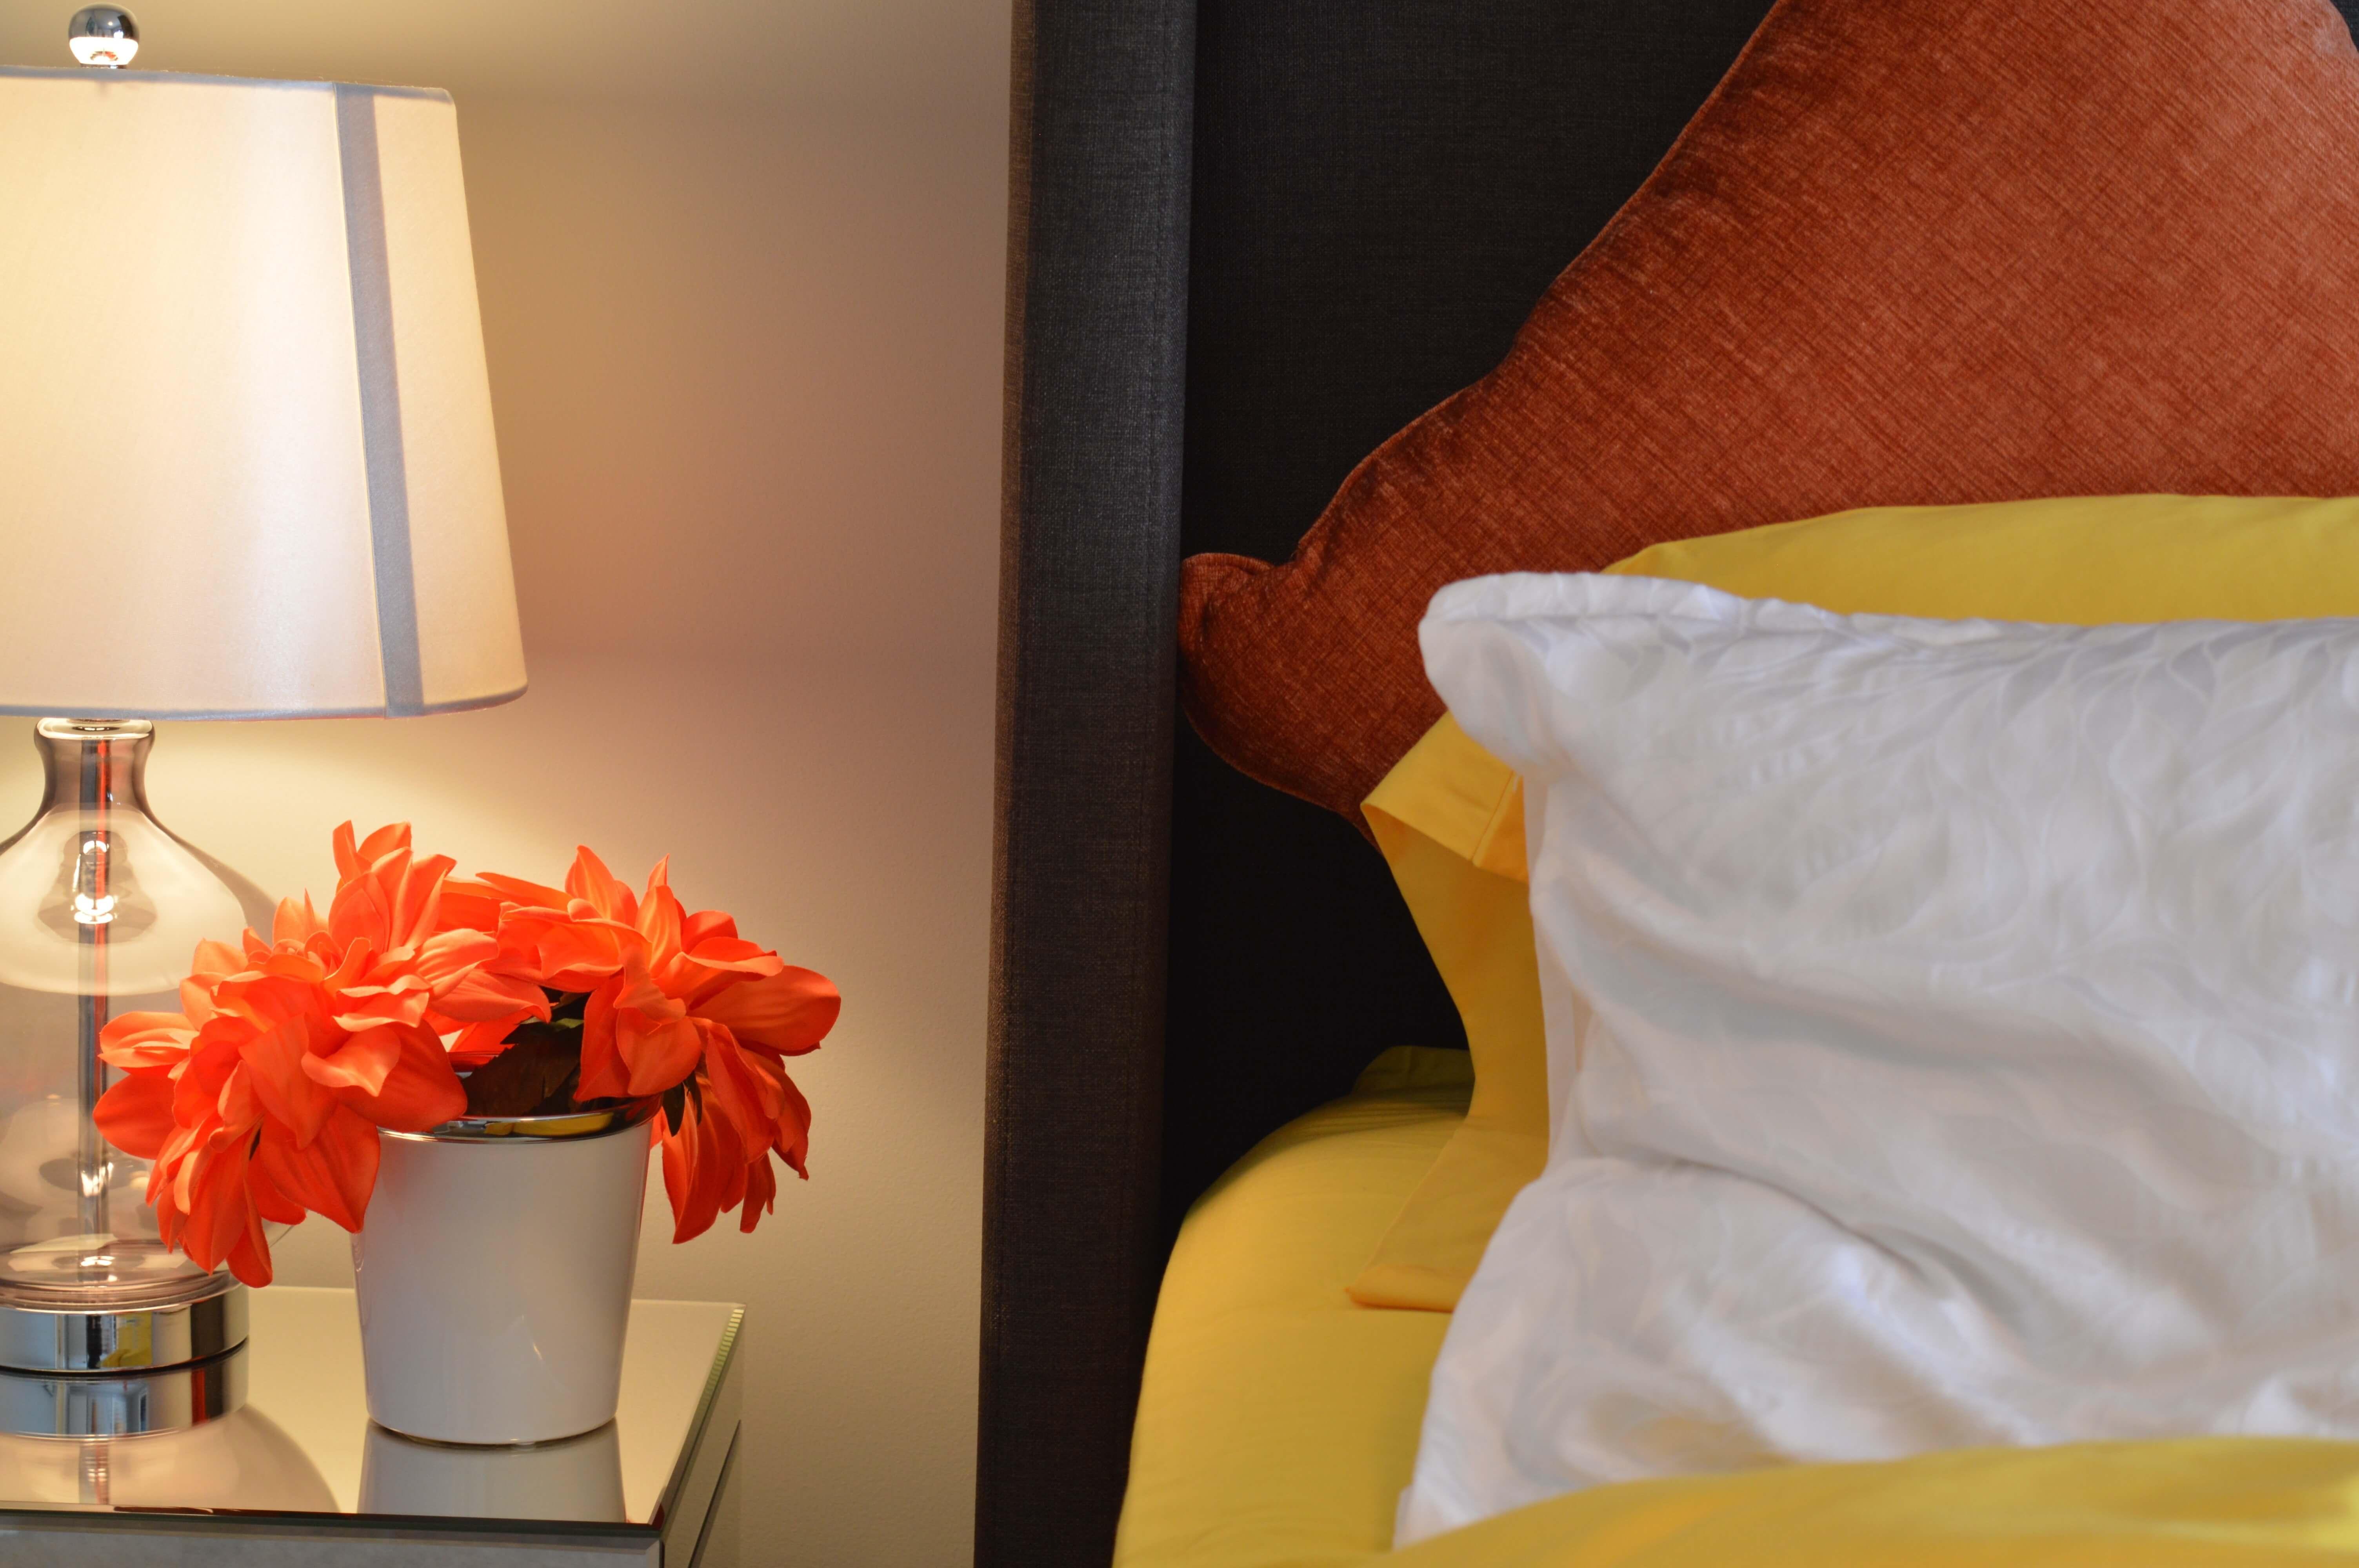 Bett und Nachtschrank im Schlafzimmer (c) erikawittlieb pixabay.de